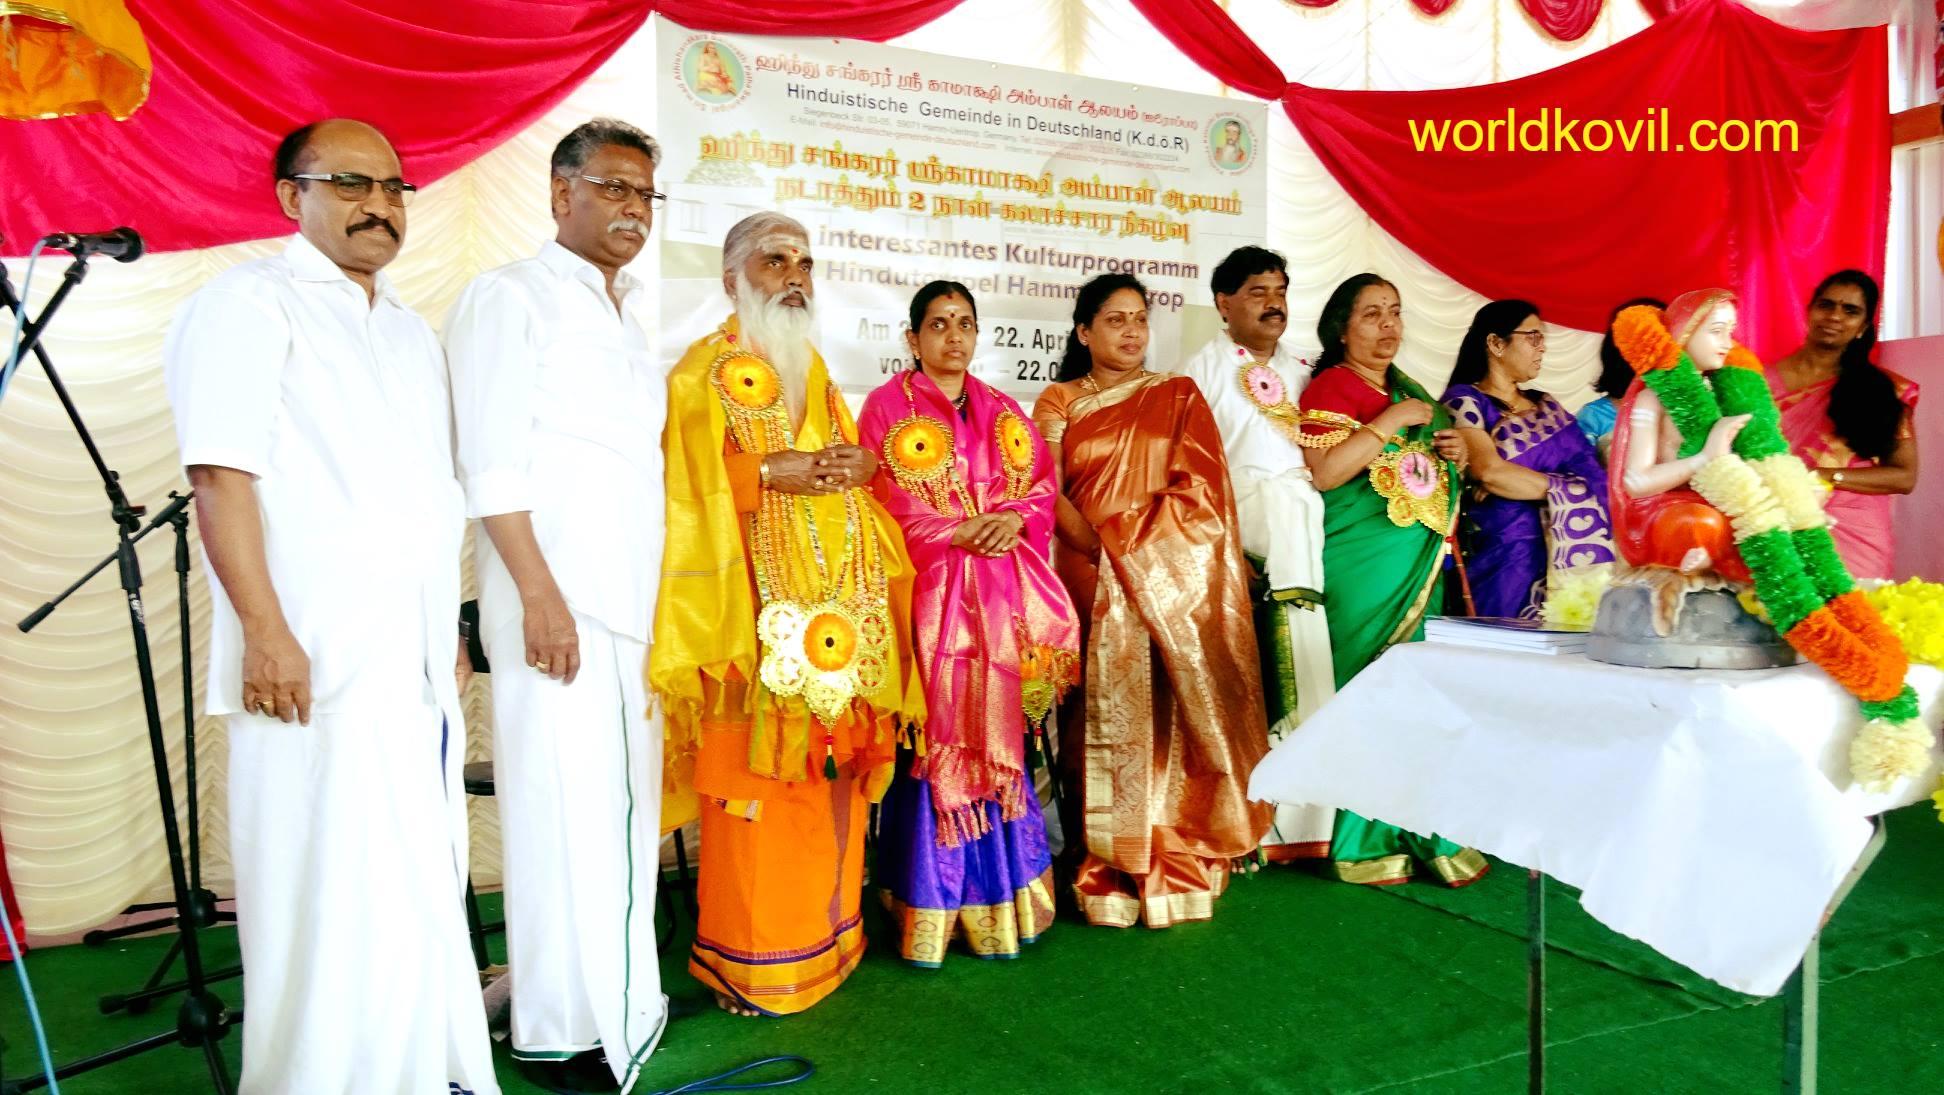 ஹம் ஸ்ரீ காமாட்சி அம்பாள் ஆலய கலாச்சார விழா 2018